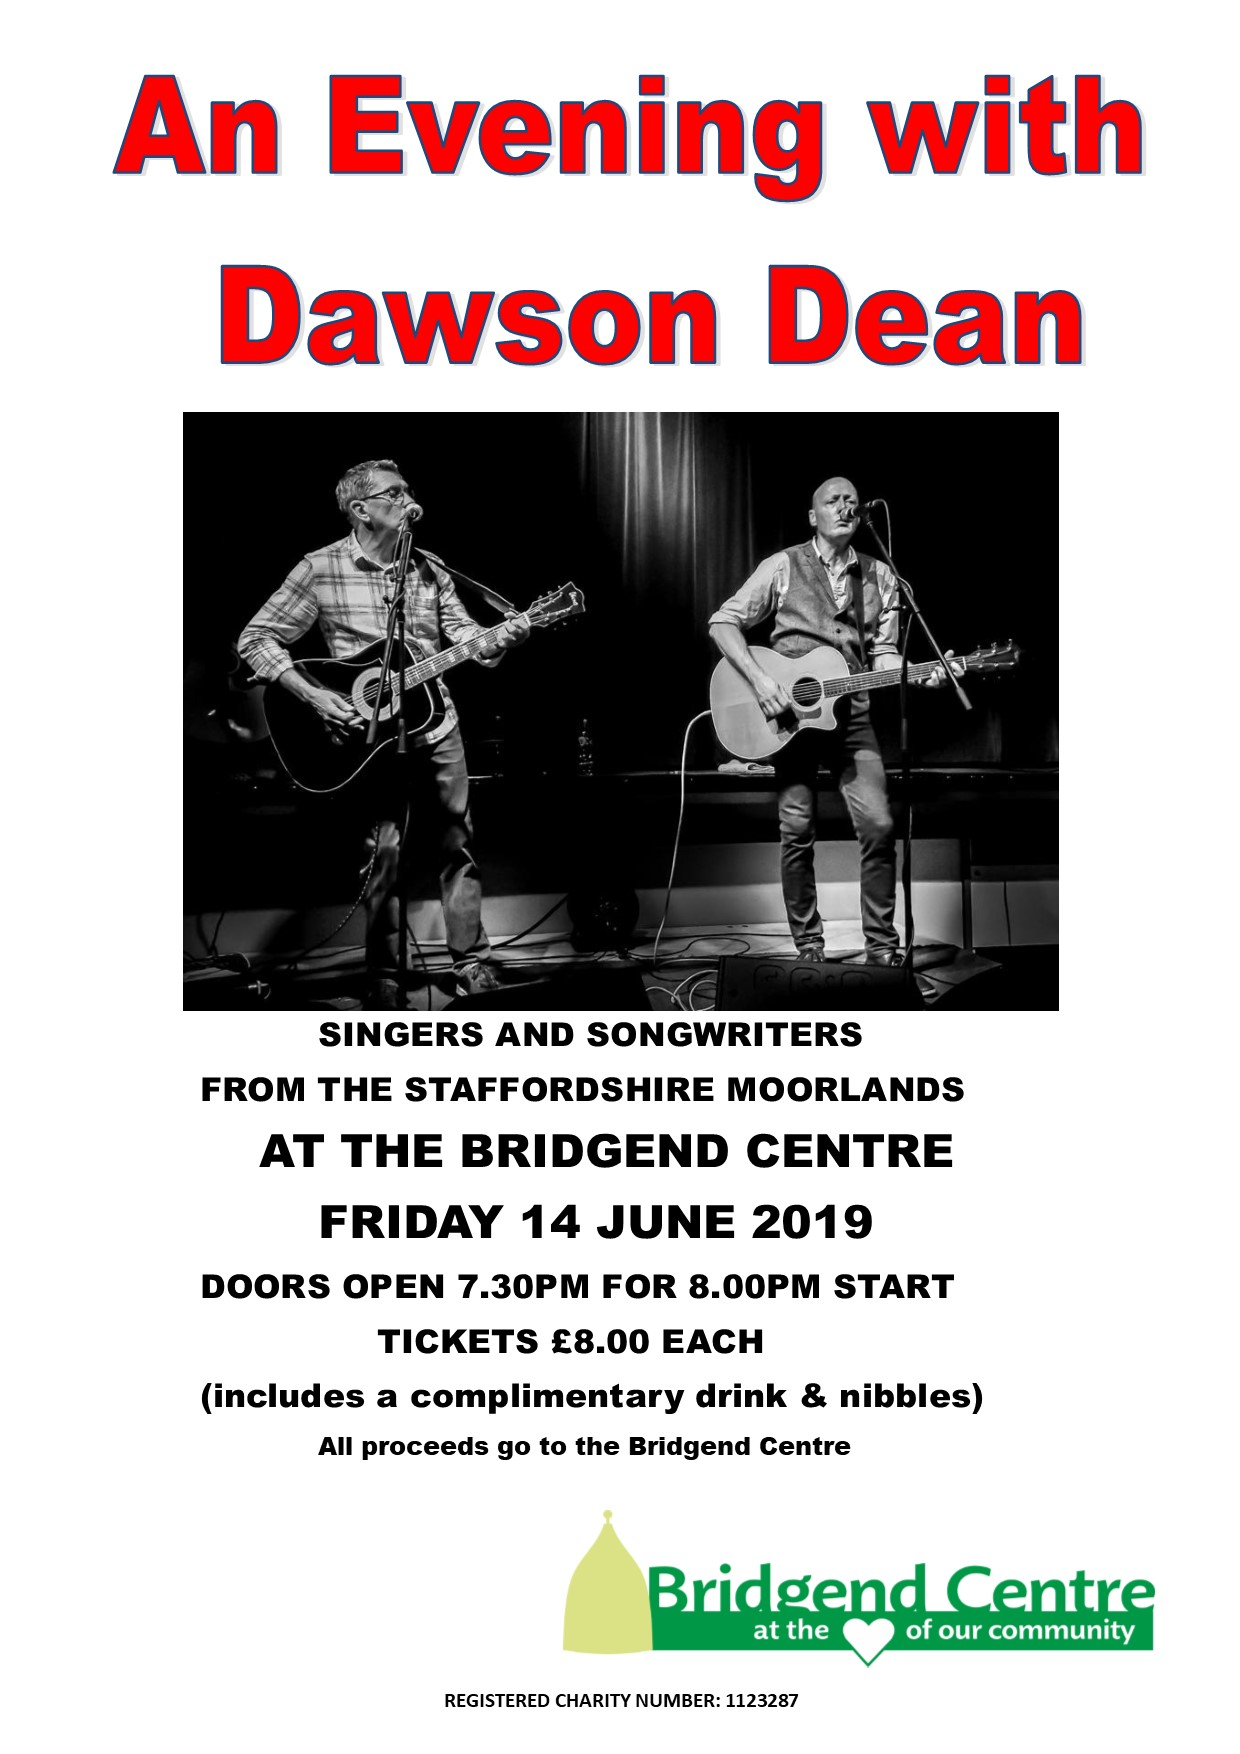 An evening with Dawson Dean @ Bridgend Centre